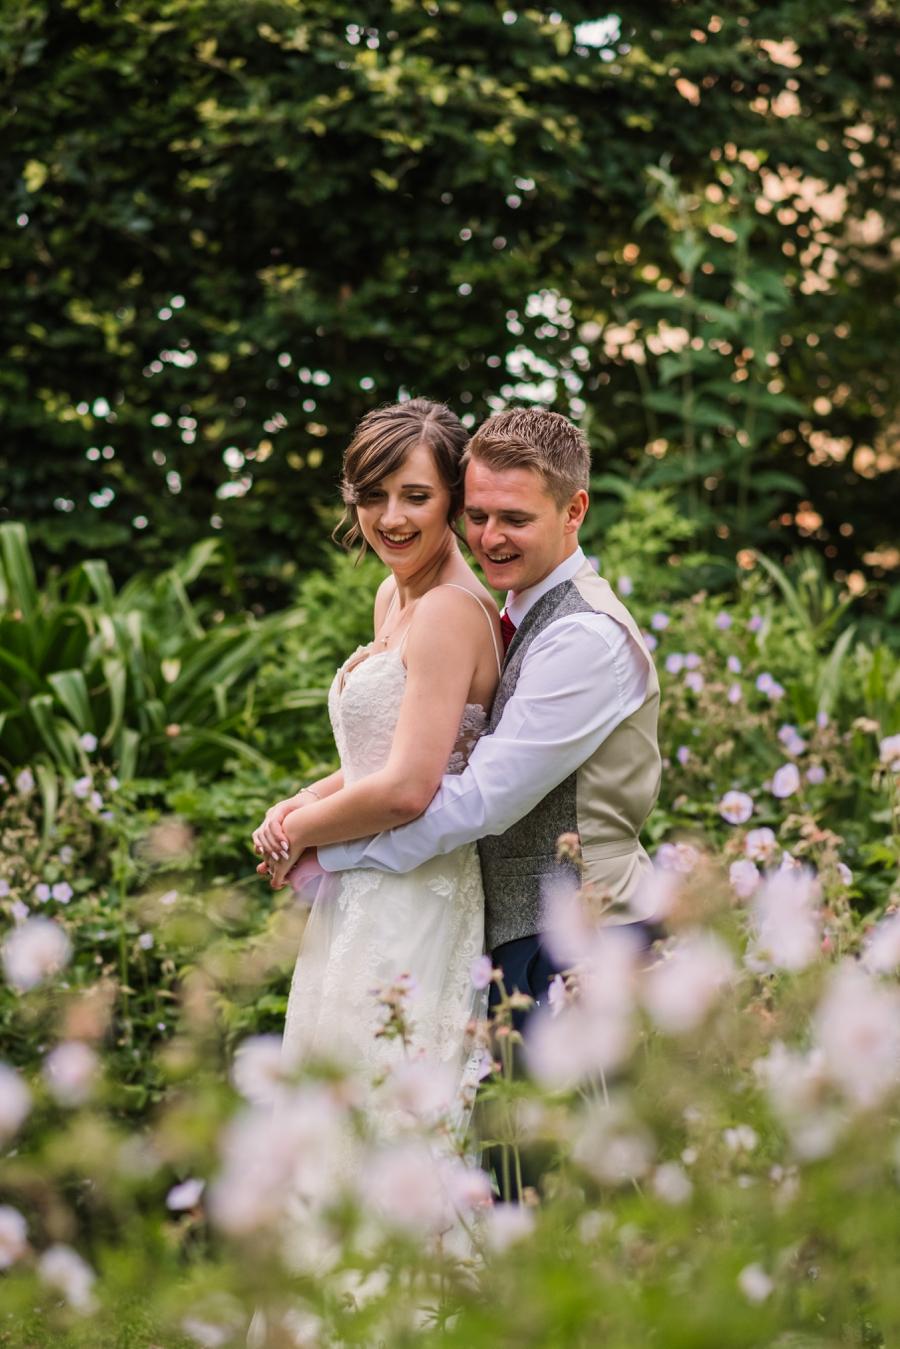 Parley Manor wedding photography by Rachel Elizabeth on English Wedding (31)